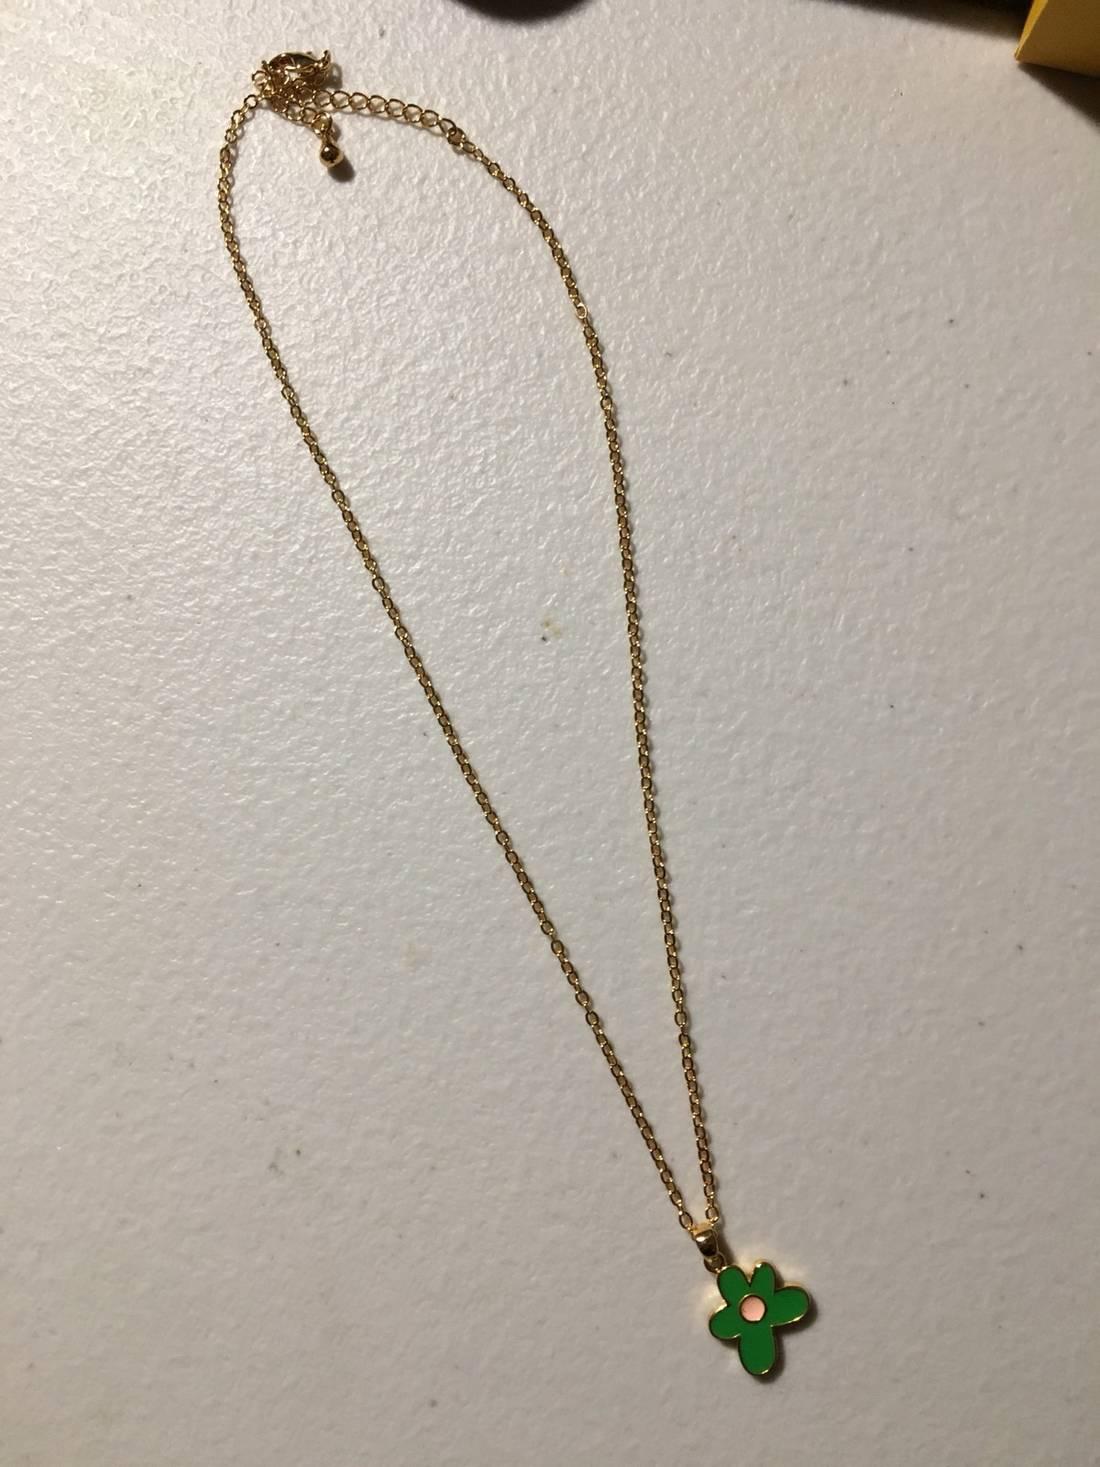 Golf wang golf le fleur flower necklace size one size jewelry golf wang golf le fleur flower necklace size one size 1 aloadofball Images